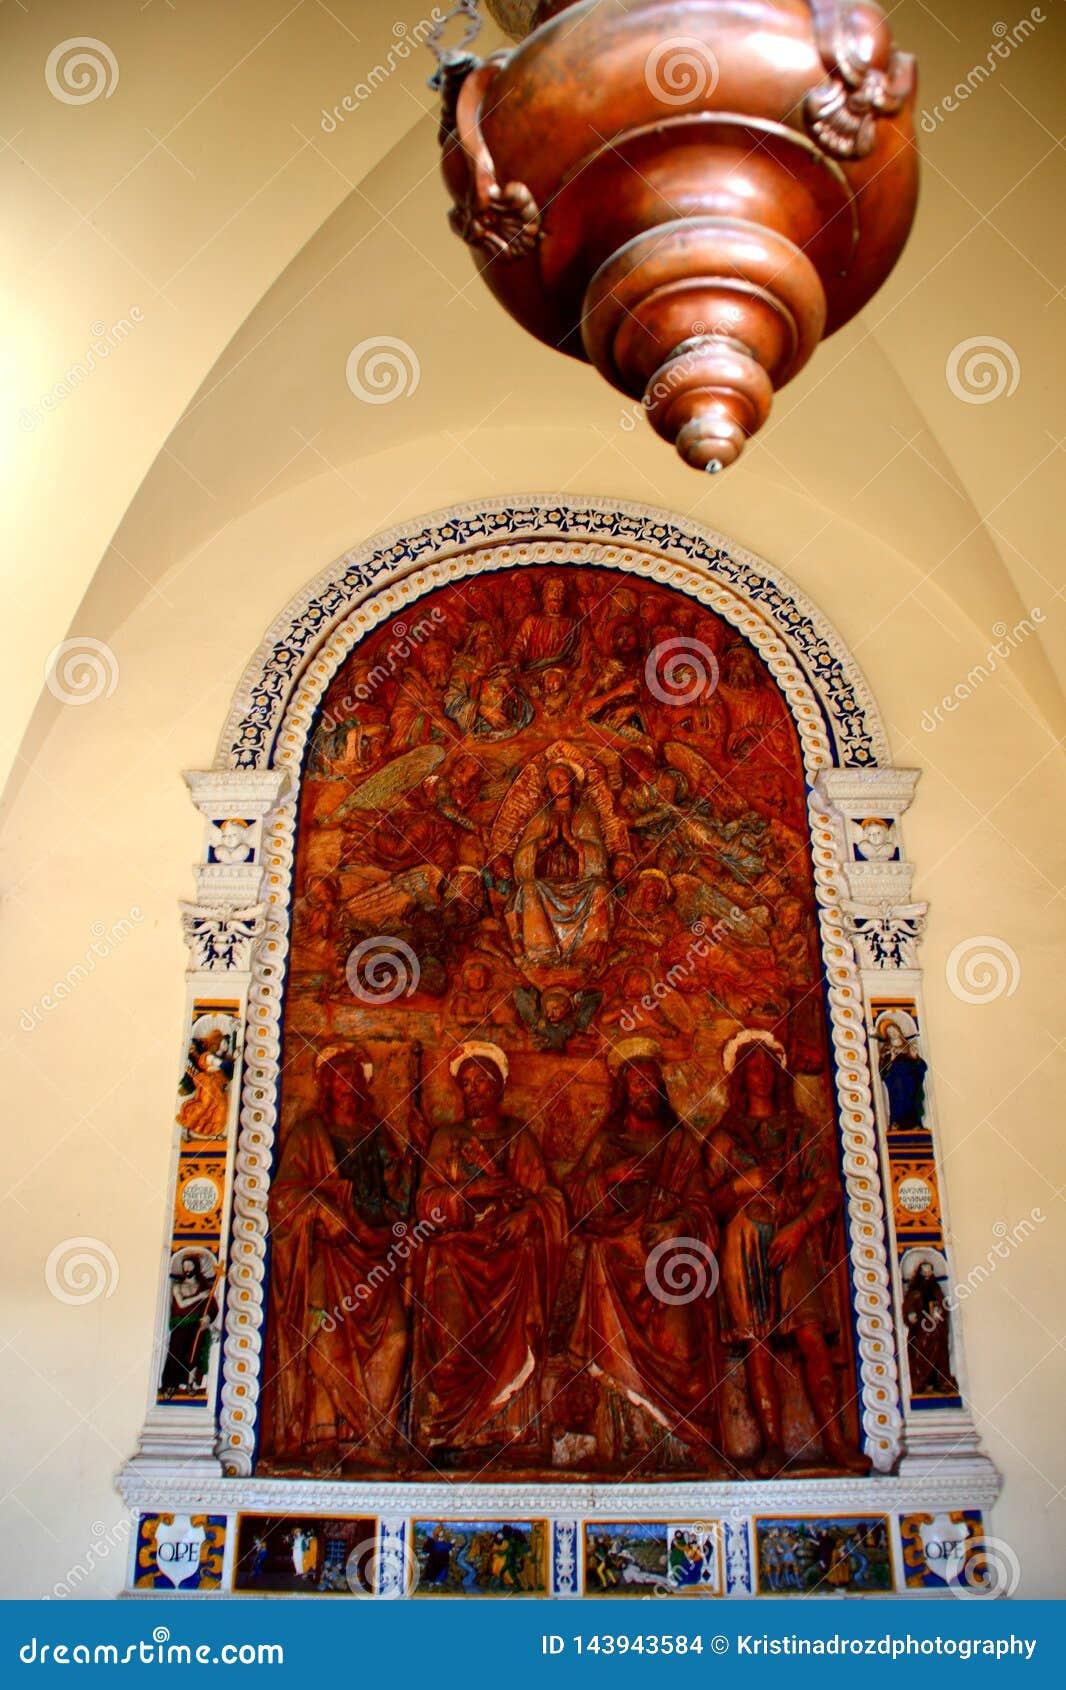 PISA, ITALIEN - CIRCA IM FEBRUAR 2018: Der Innenraum des monumentalen Kirchhofs am Quadrat von Wundern